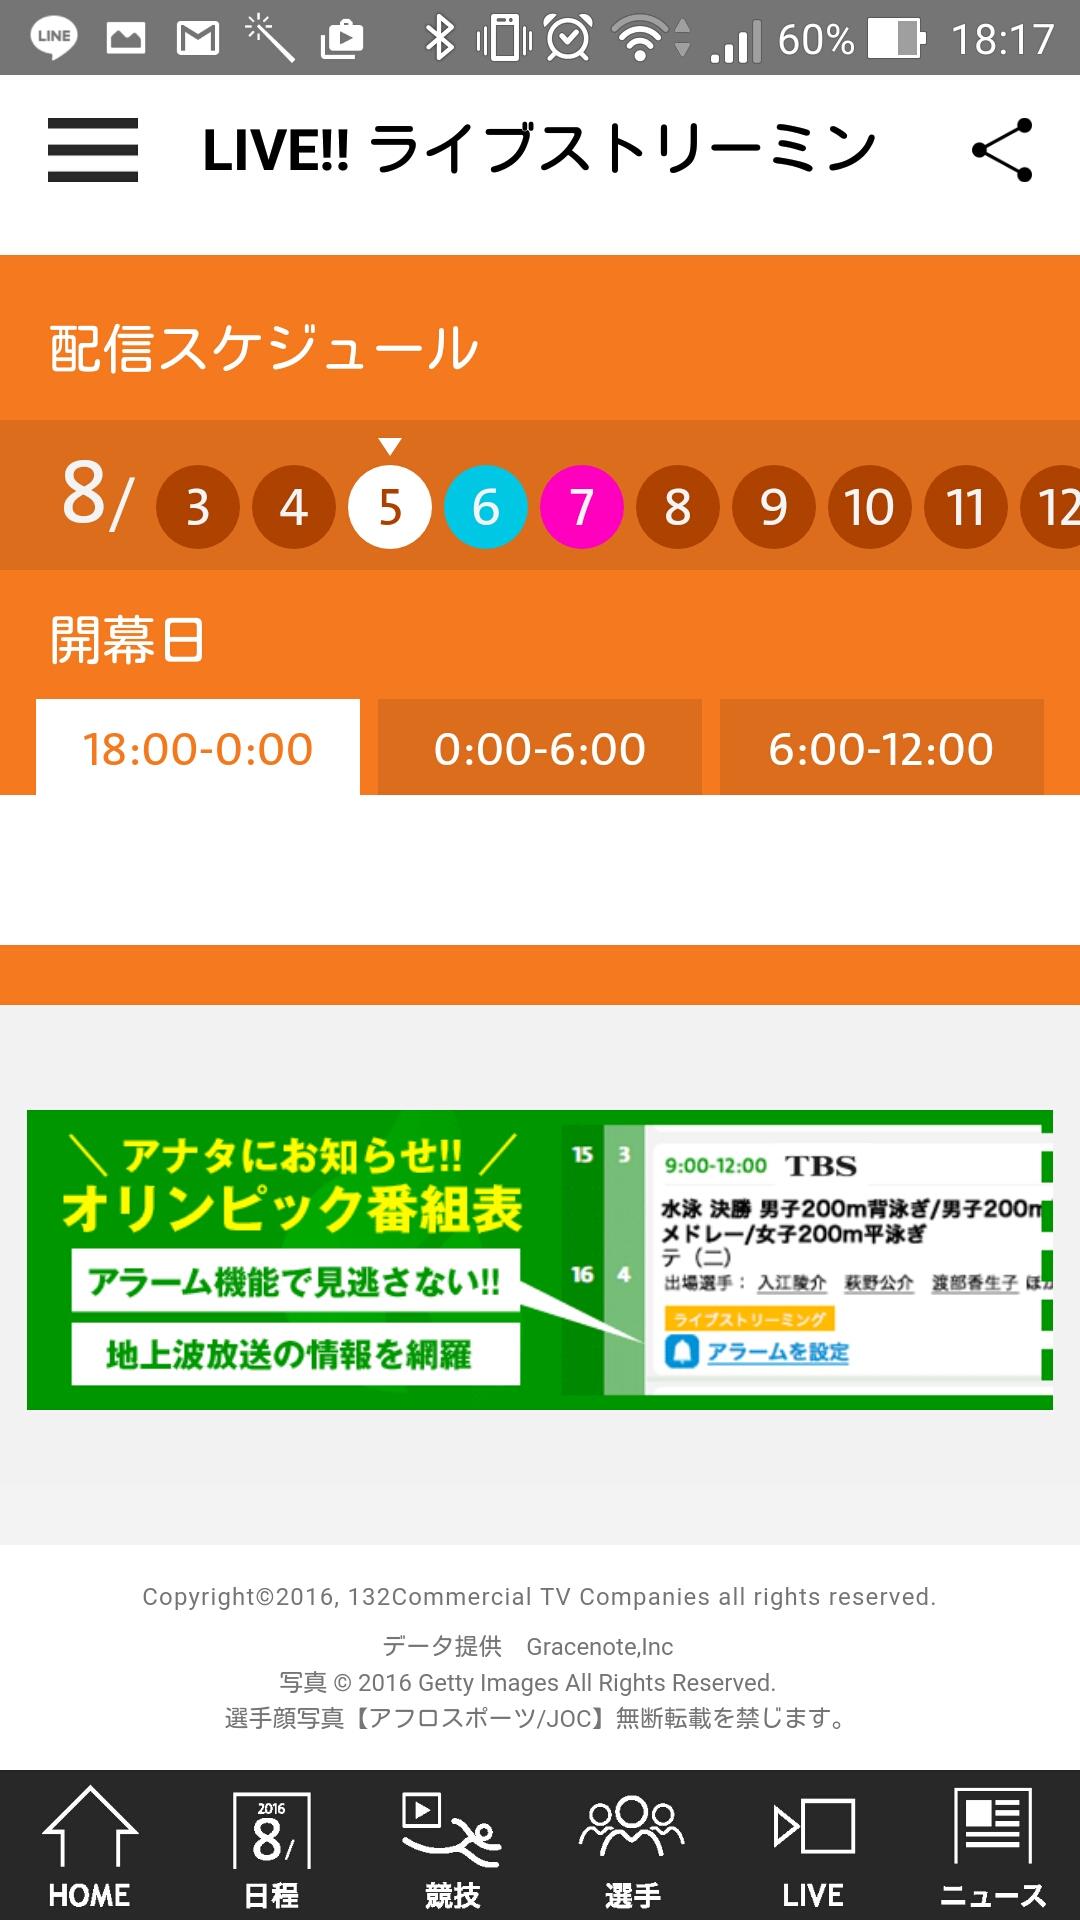 gorin.jpアプリ画面キャプチャ